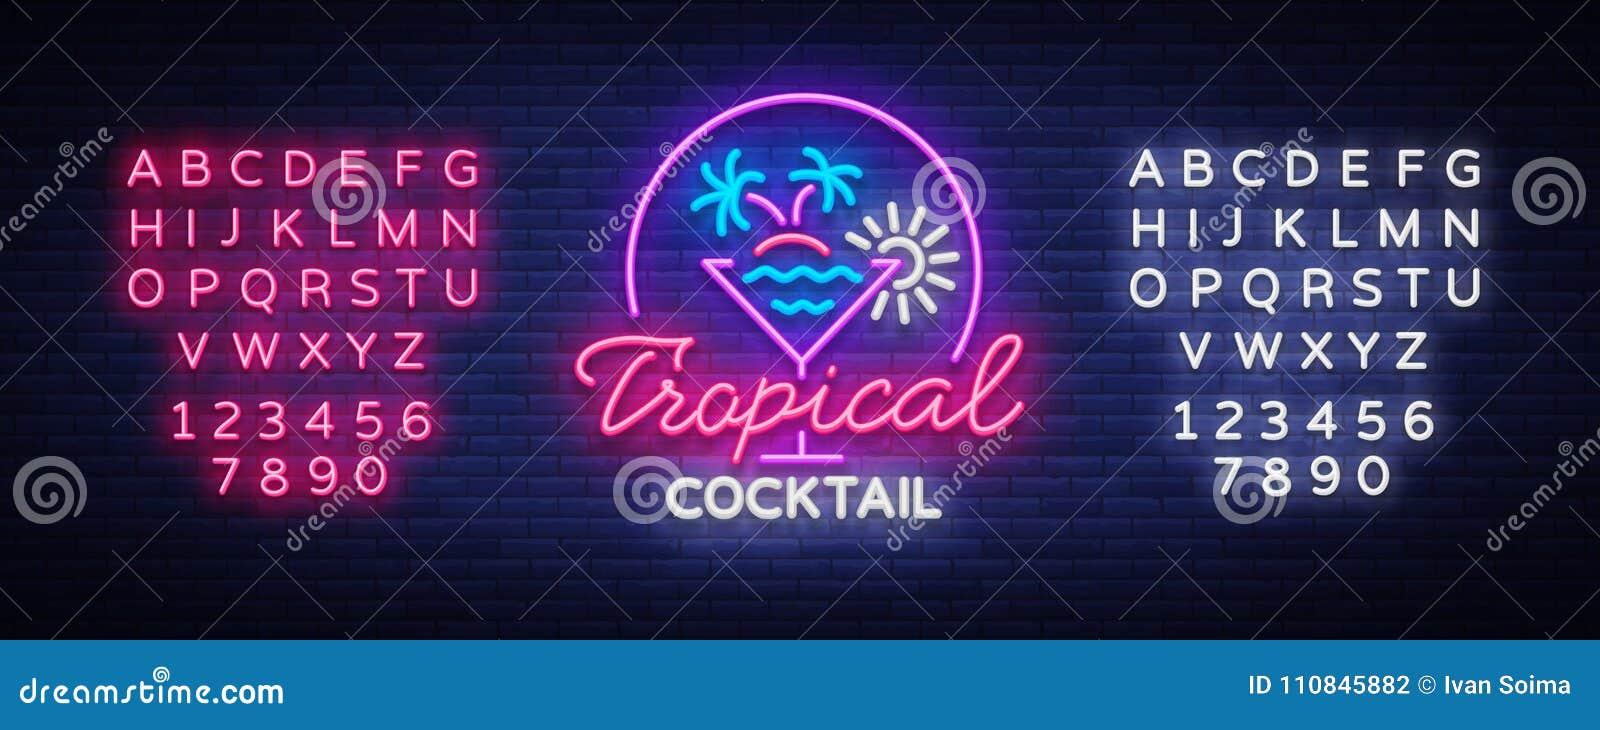 Tropische Cocktailleuchtreklame Cocktail-Logo, Neonart, helle Fahne, Nachthelle Neonwerbung für Cocktail-Bar